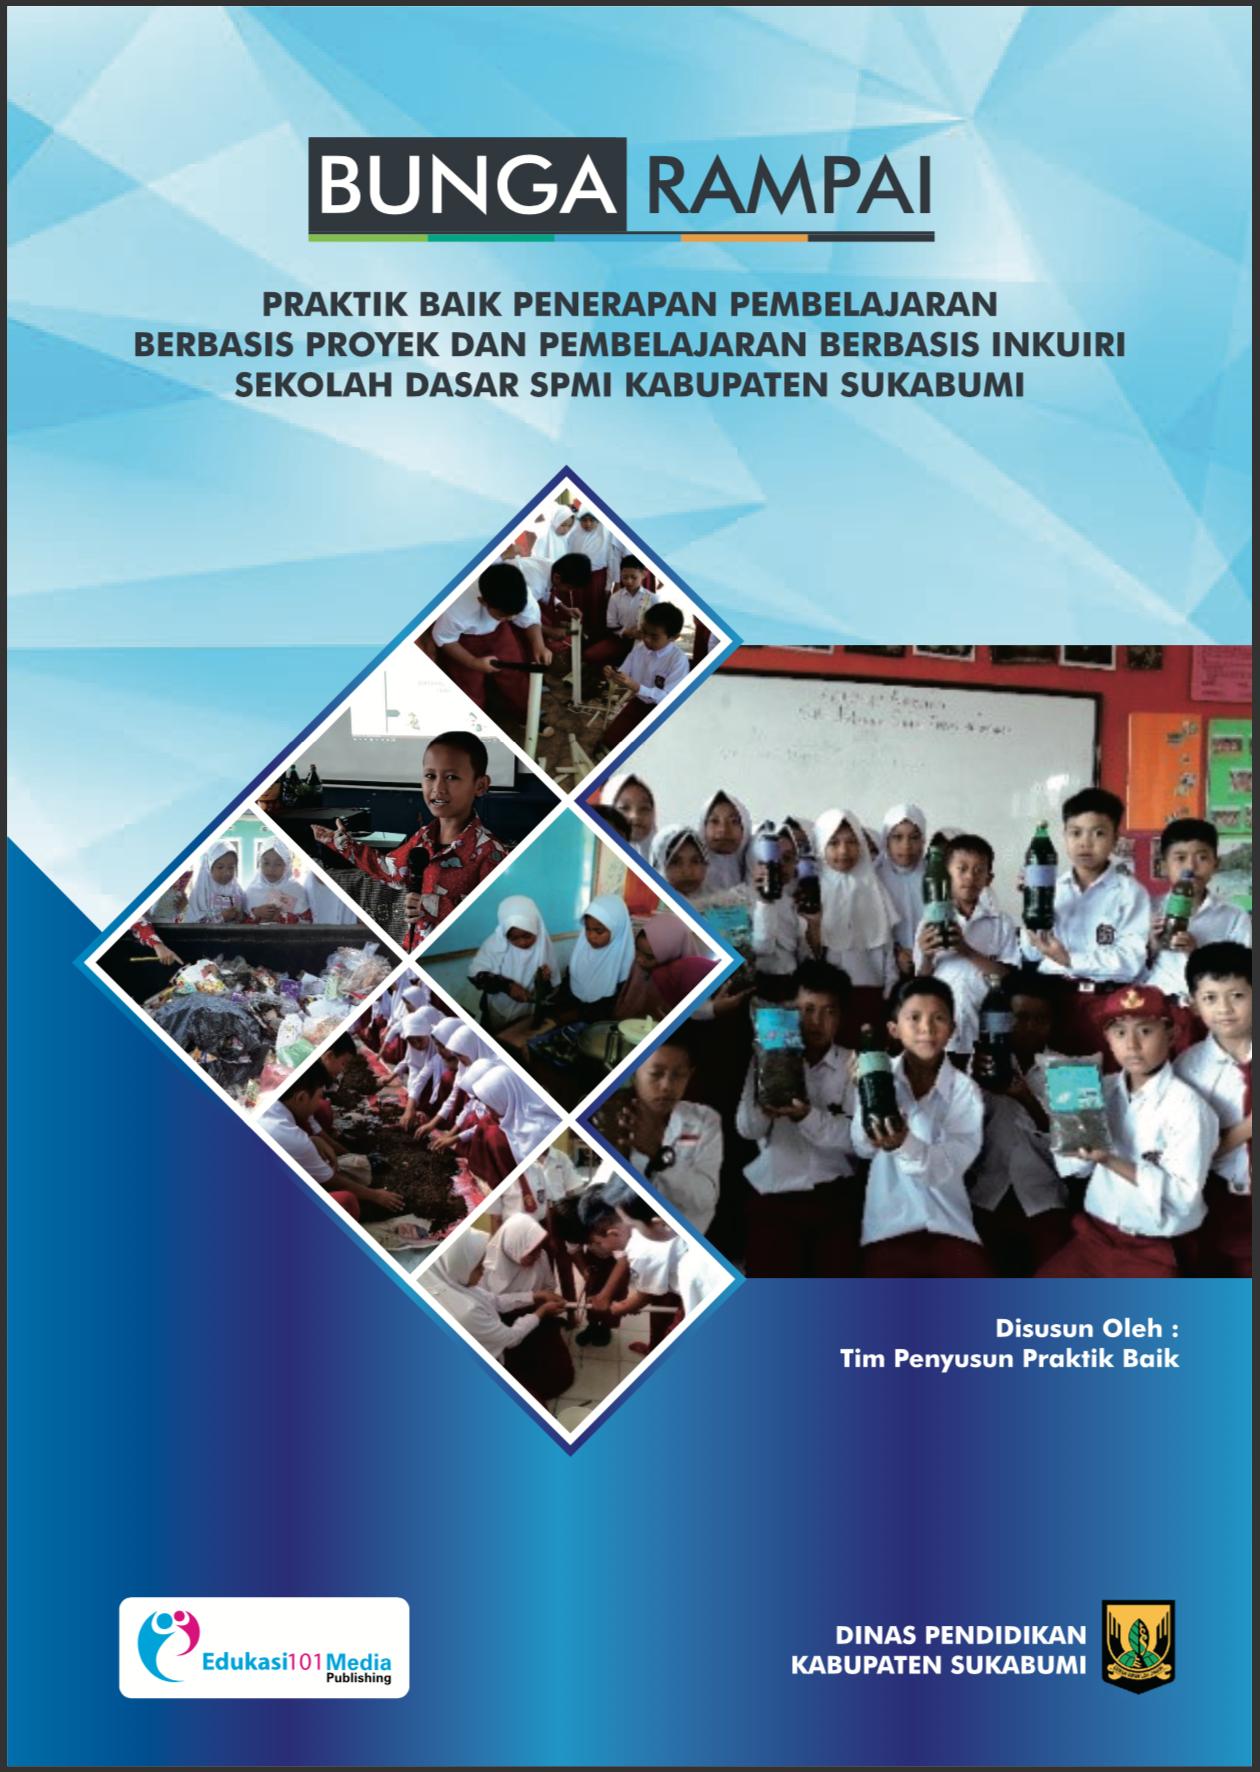 Buku Bunga Rampai Praktik Baik Penerapan Pembelajaran Berbasis Inkuiri Sekolah Dasar Spmi Kabupaten Sukabumi Edukasi 101